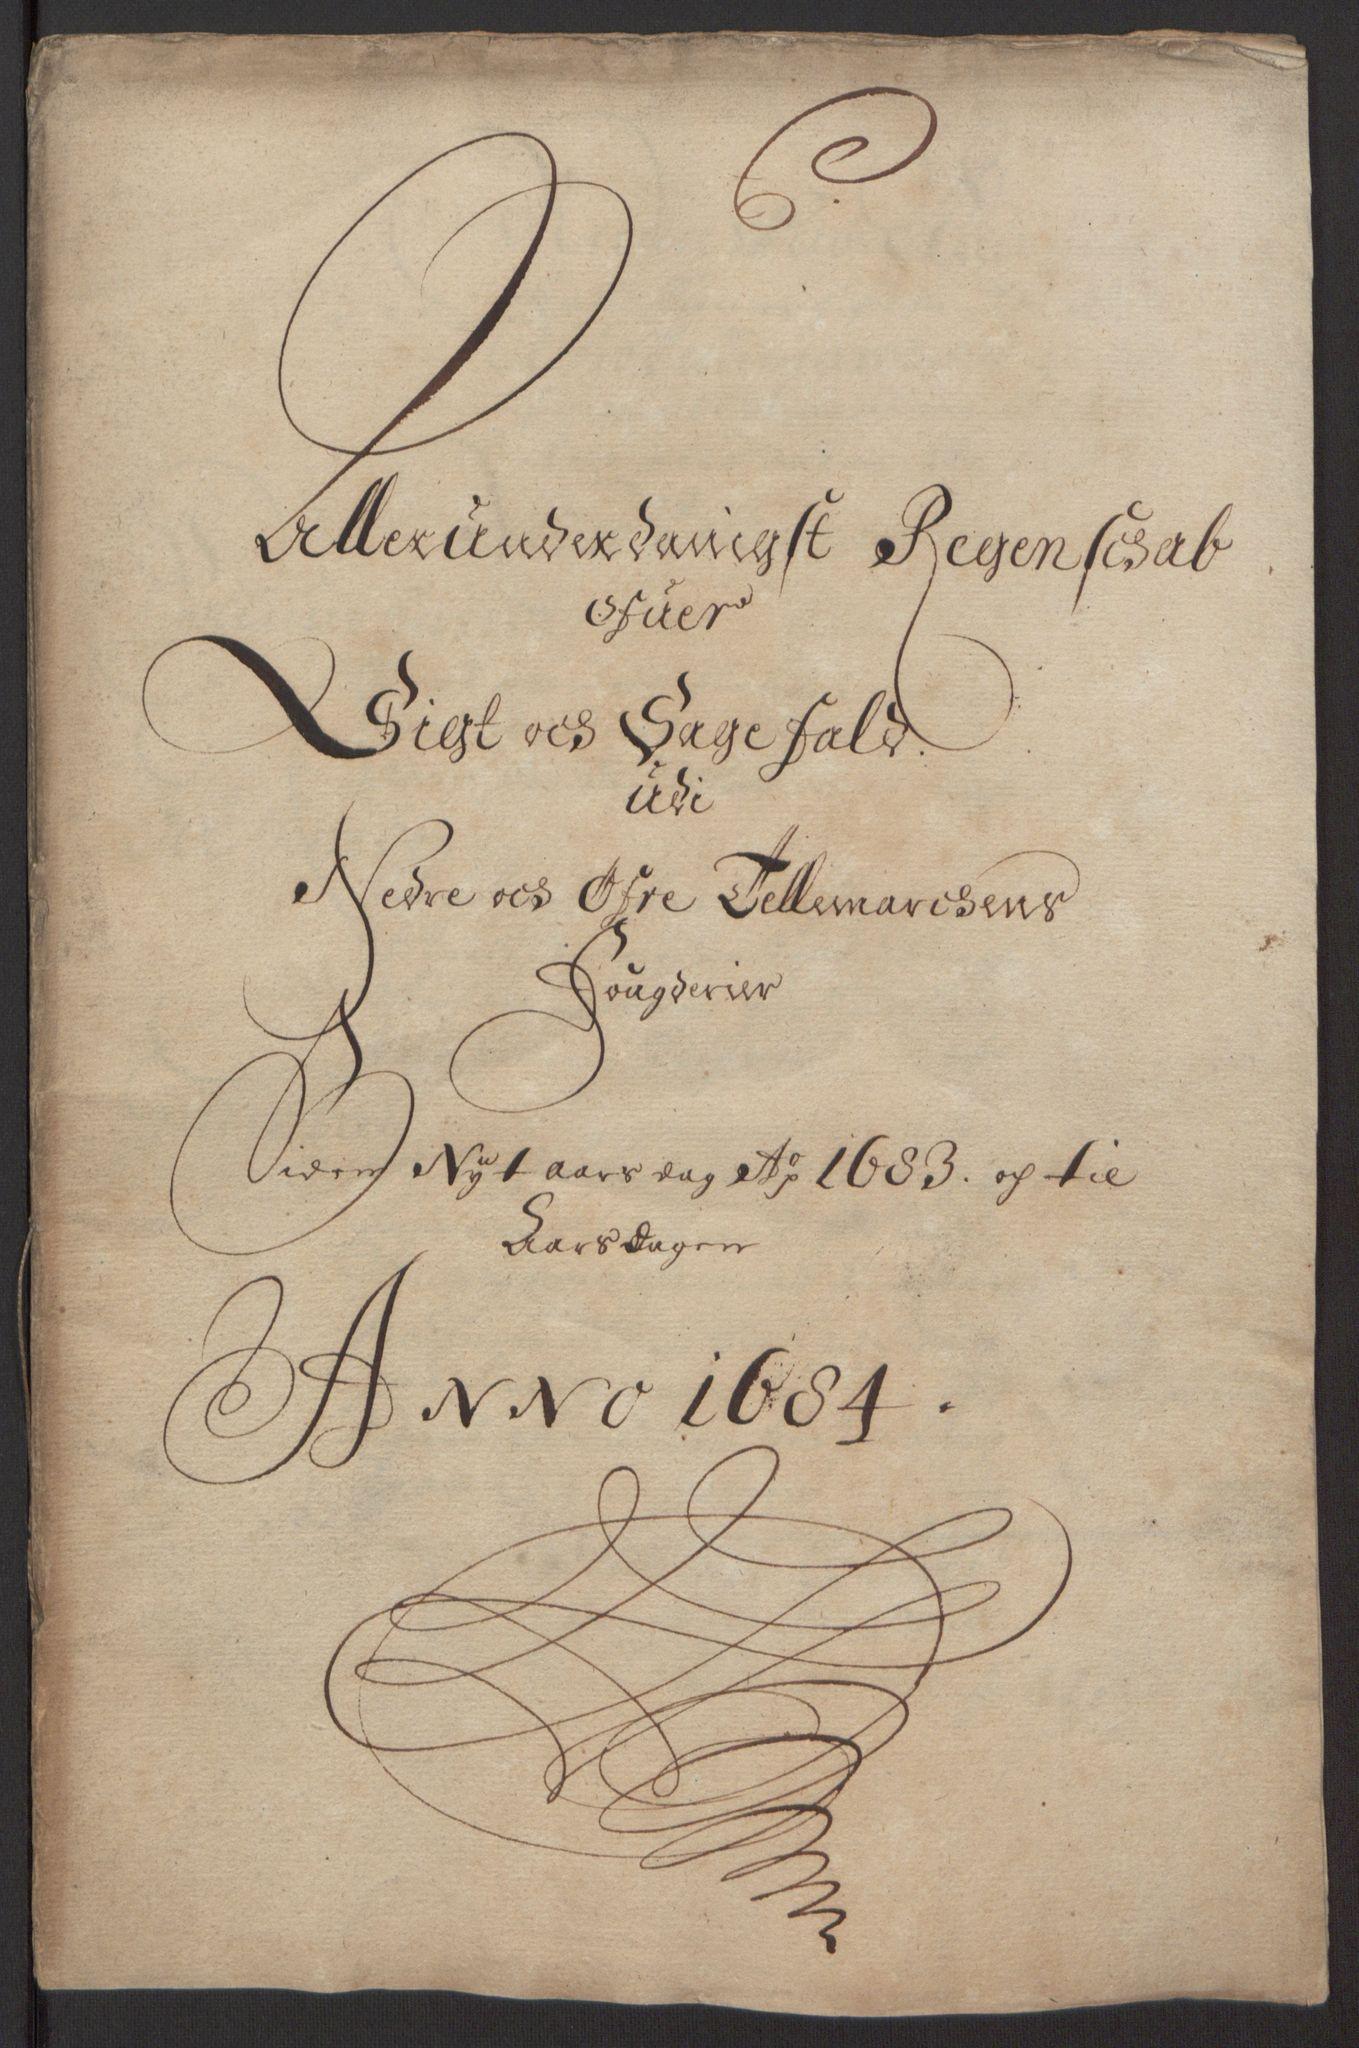 RA, Rentekammeret inntil 1814, Reviderte regnskaper, Fogderegnskap, R35/L2081: Fogderegnskap Øvre og Nedre Telemark, 1680-1684, s. 62